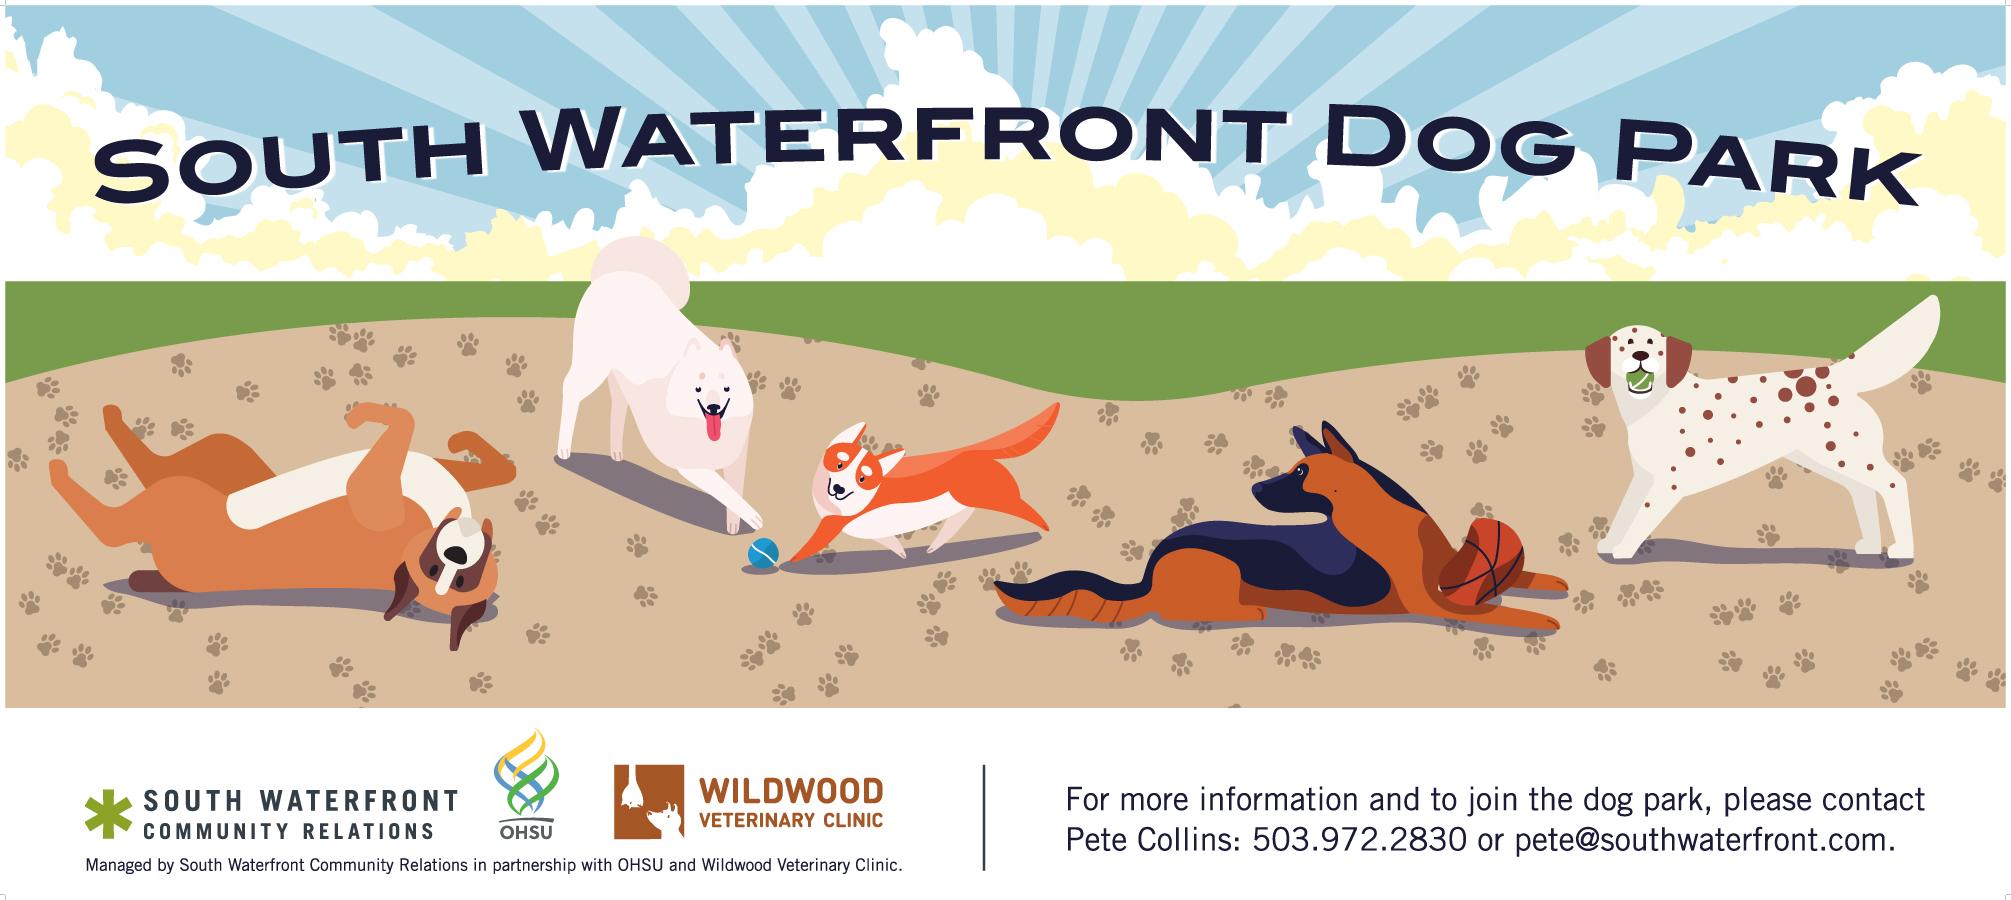 SWF_Dog Park Banner_19_0603.jpg